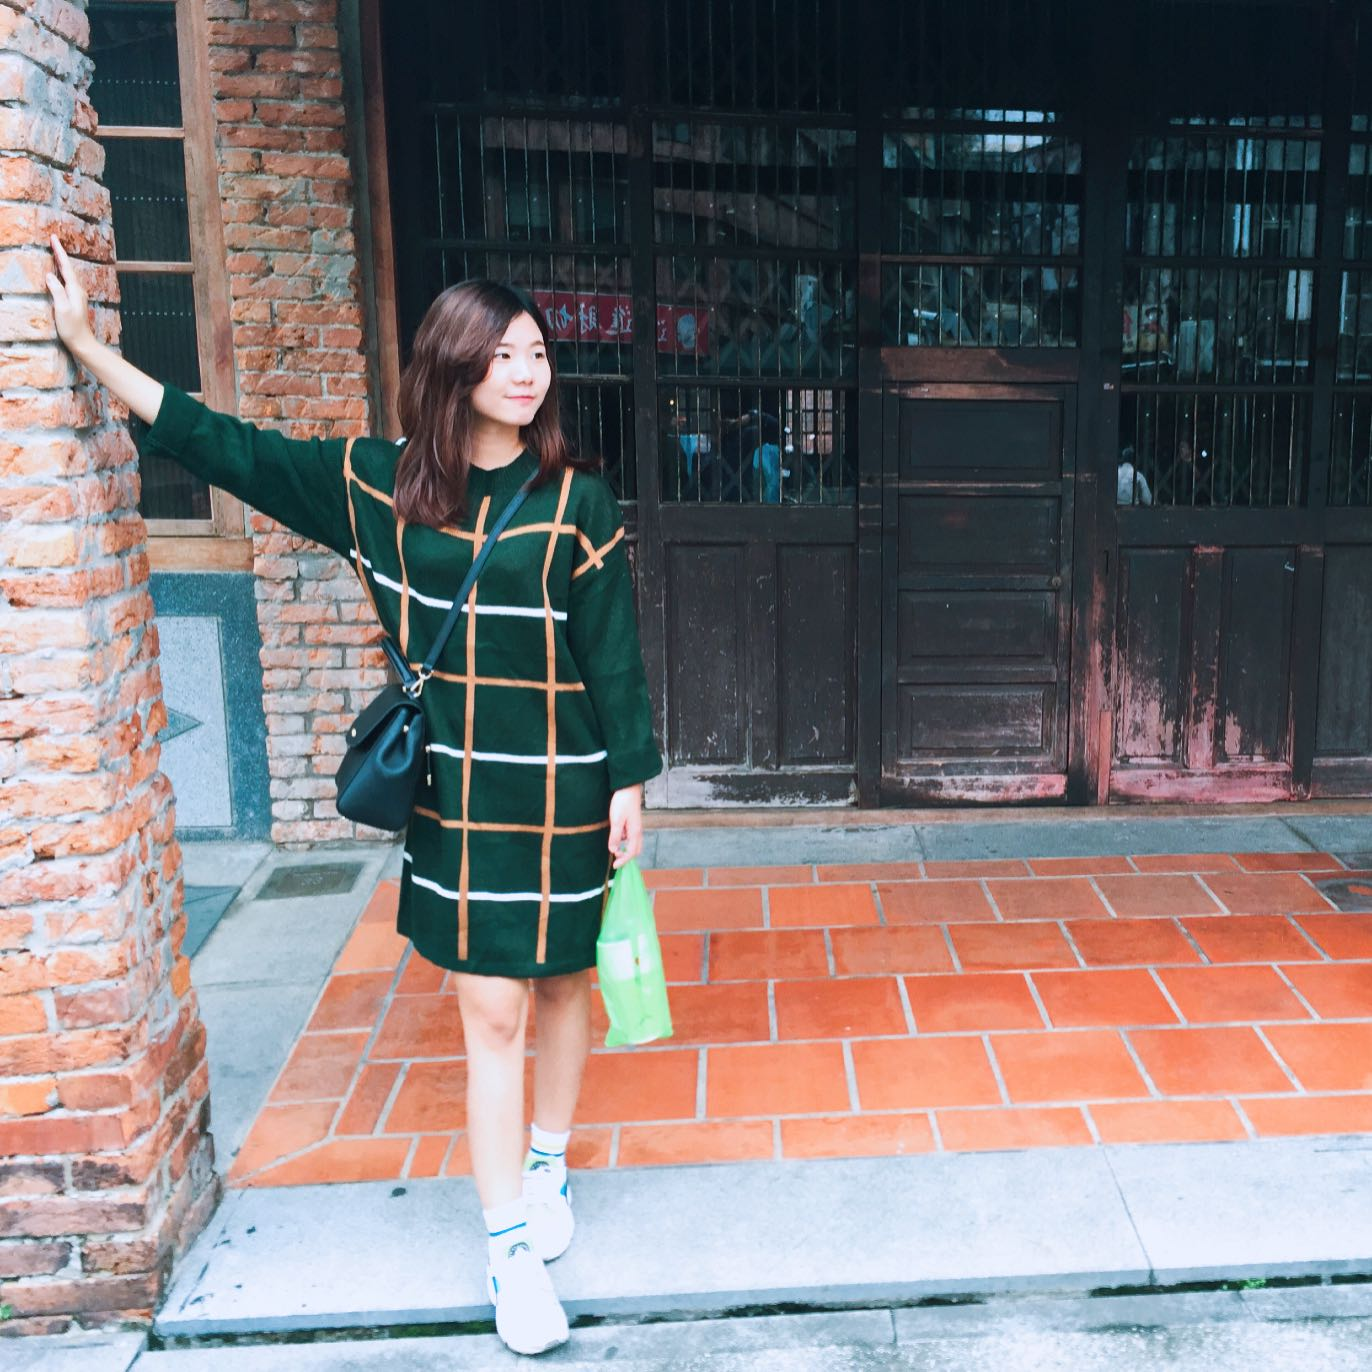 lin_yi_hui